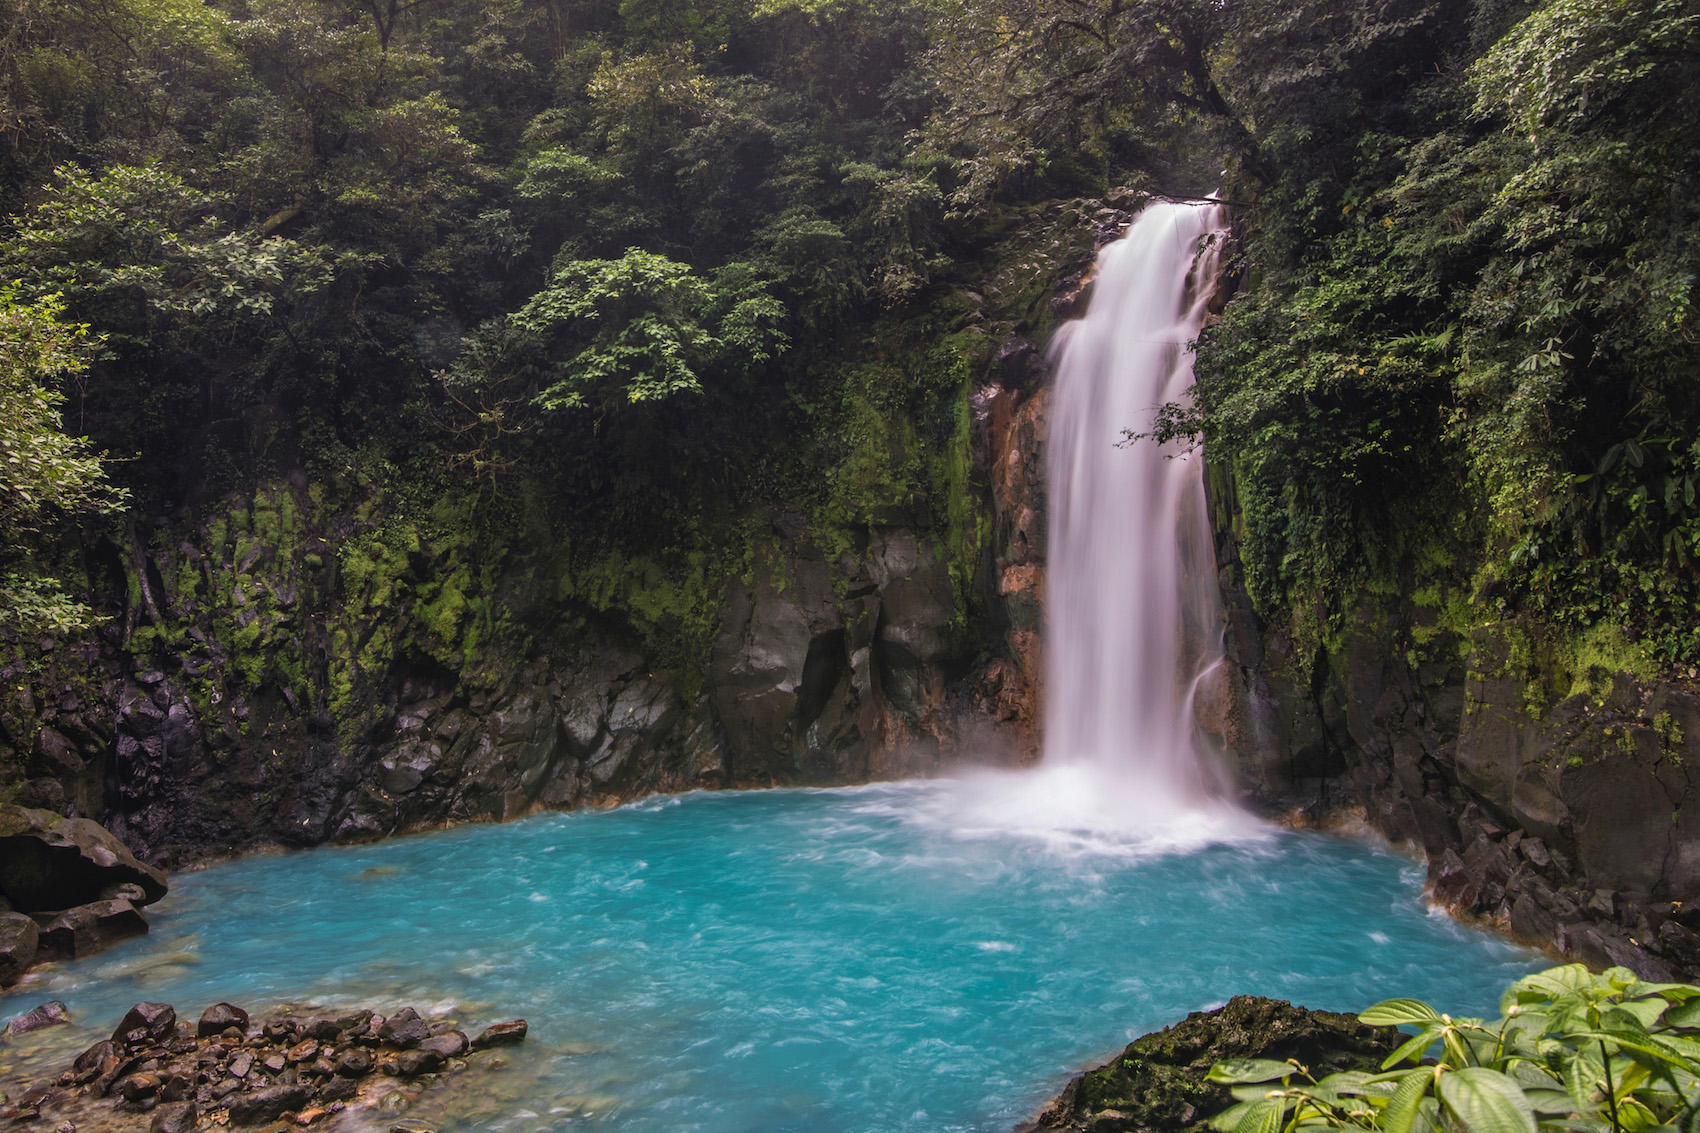 Visit Costa Rica in 2021